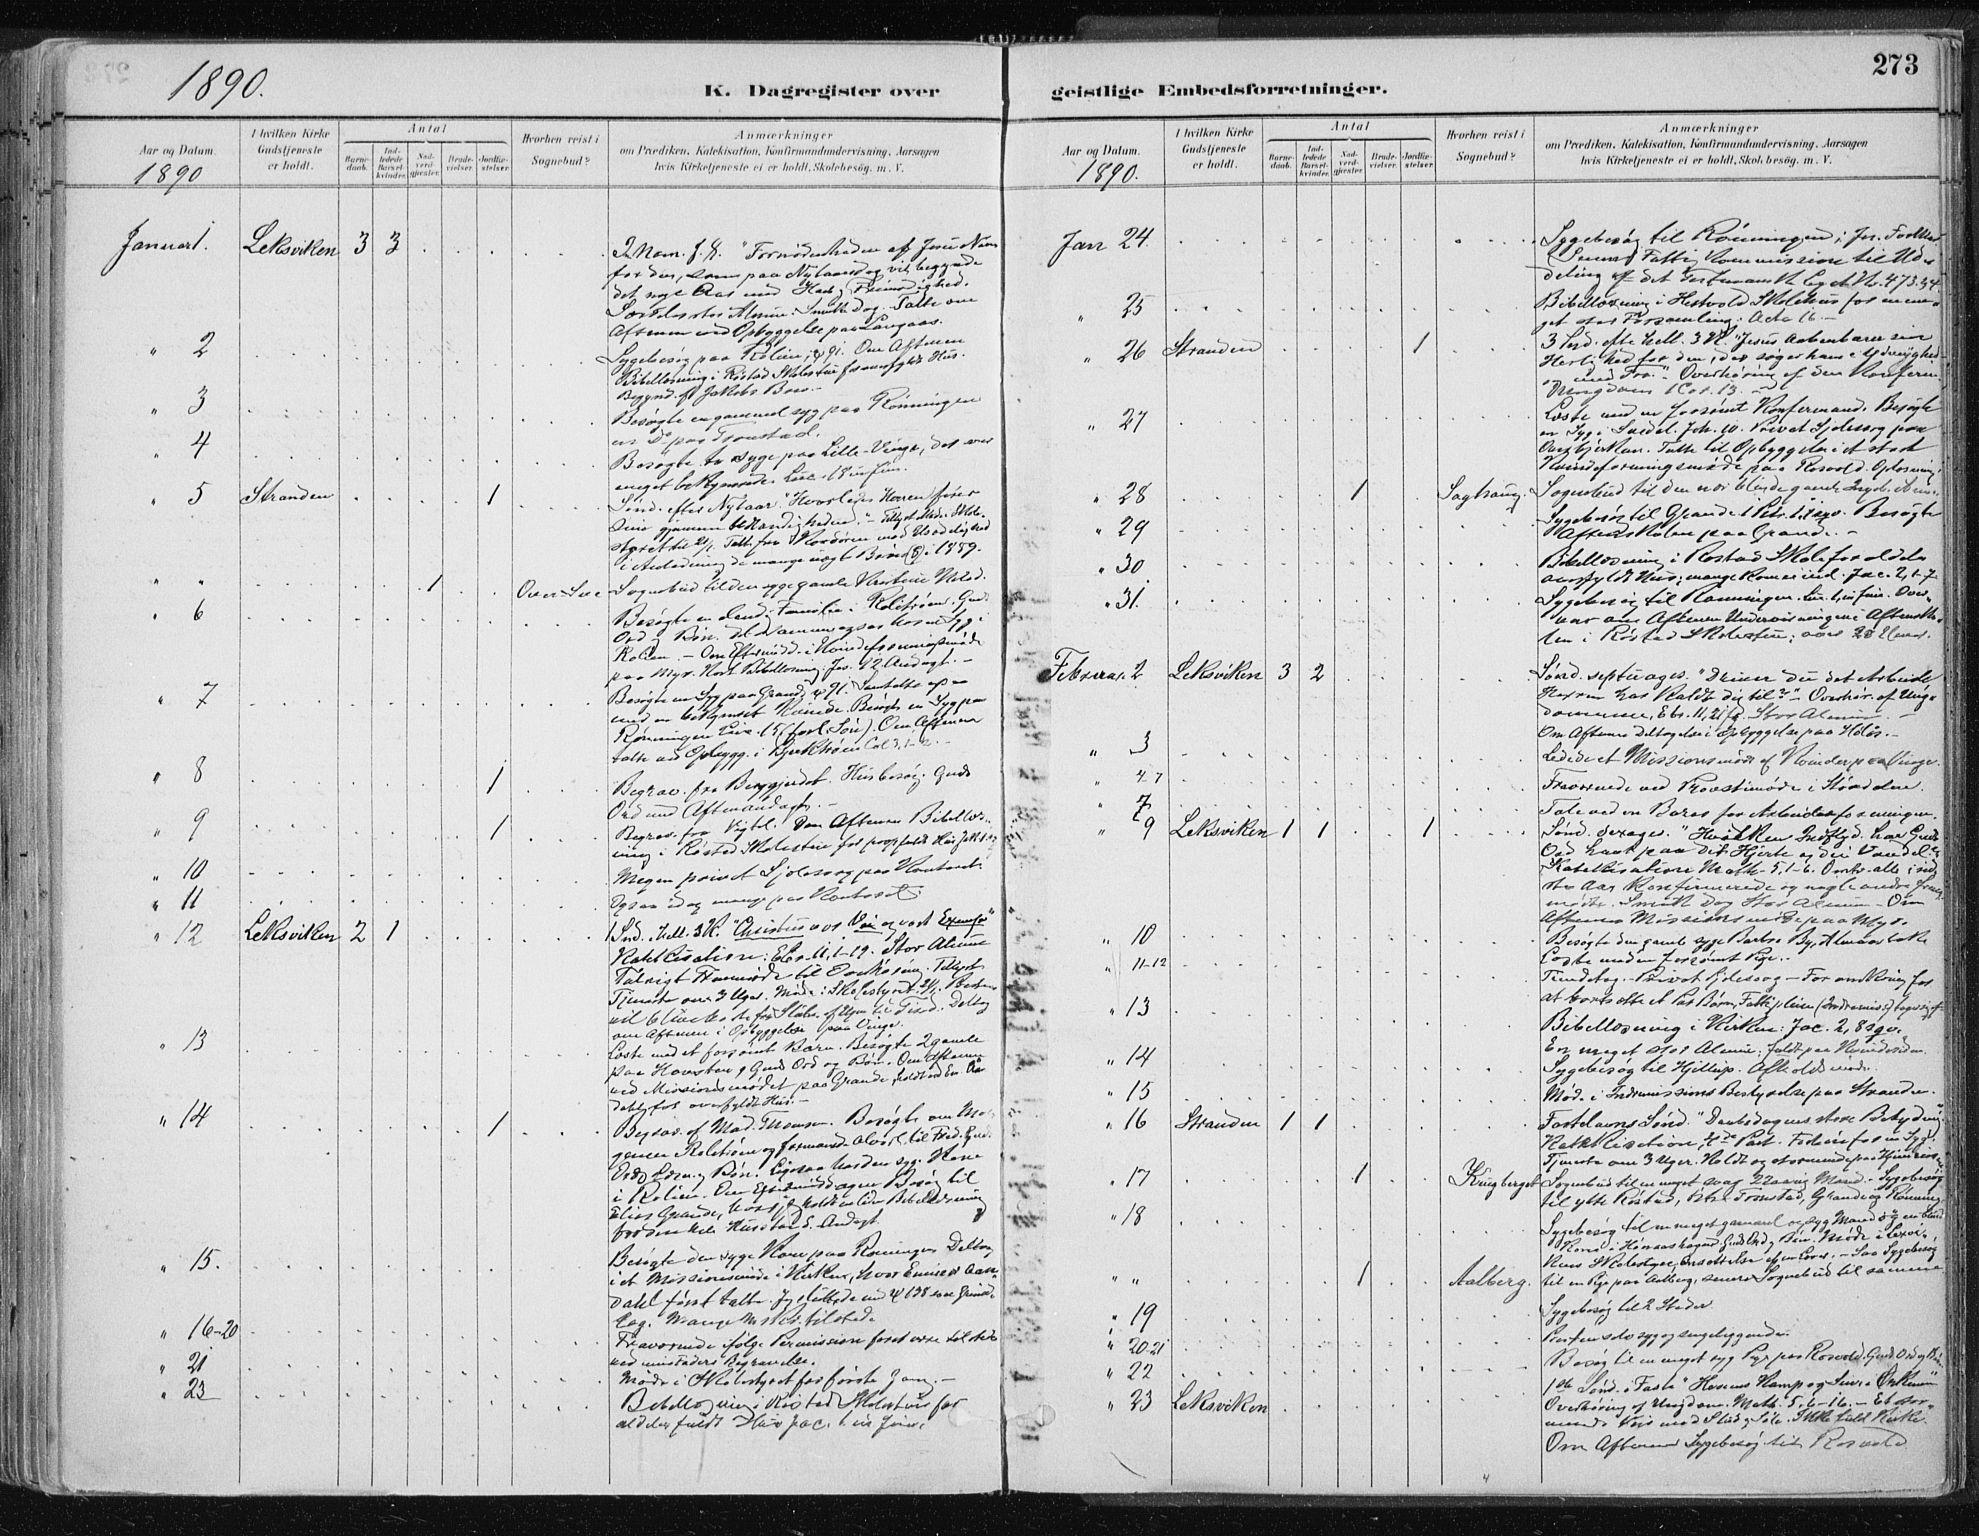 SAT, Ministerialprotokoller, klokkerbøker og fødselsregistre - Nord-Trøndelag, 701/L0010: Parish register (official) no. 701A10, 1883-1899, p. 273